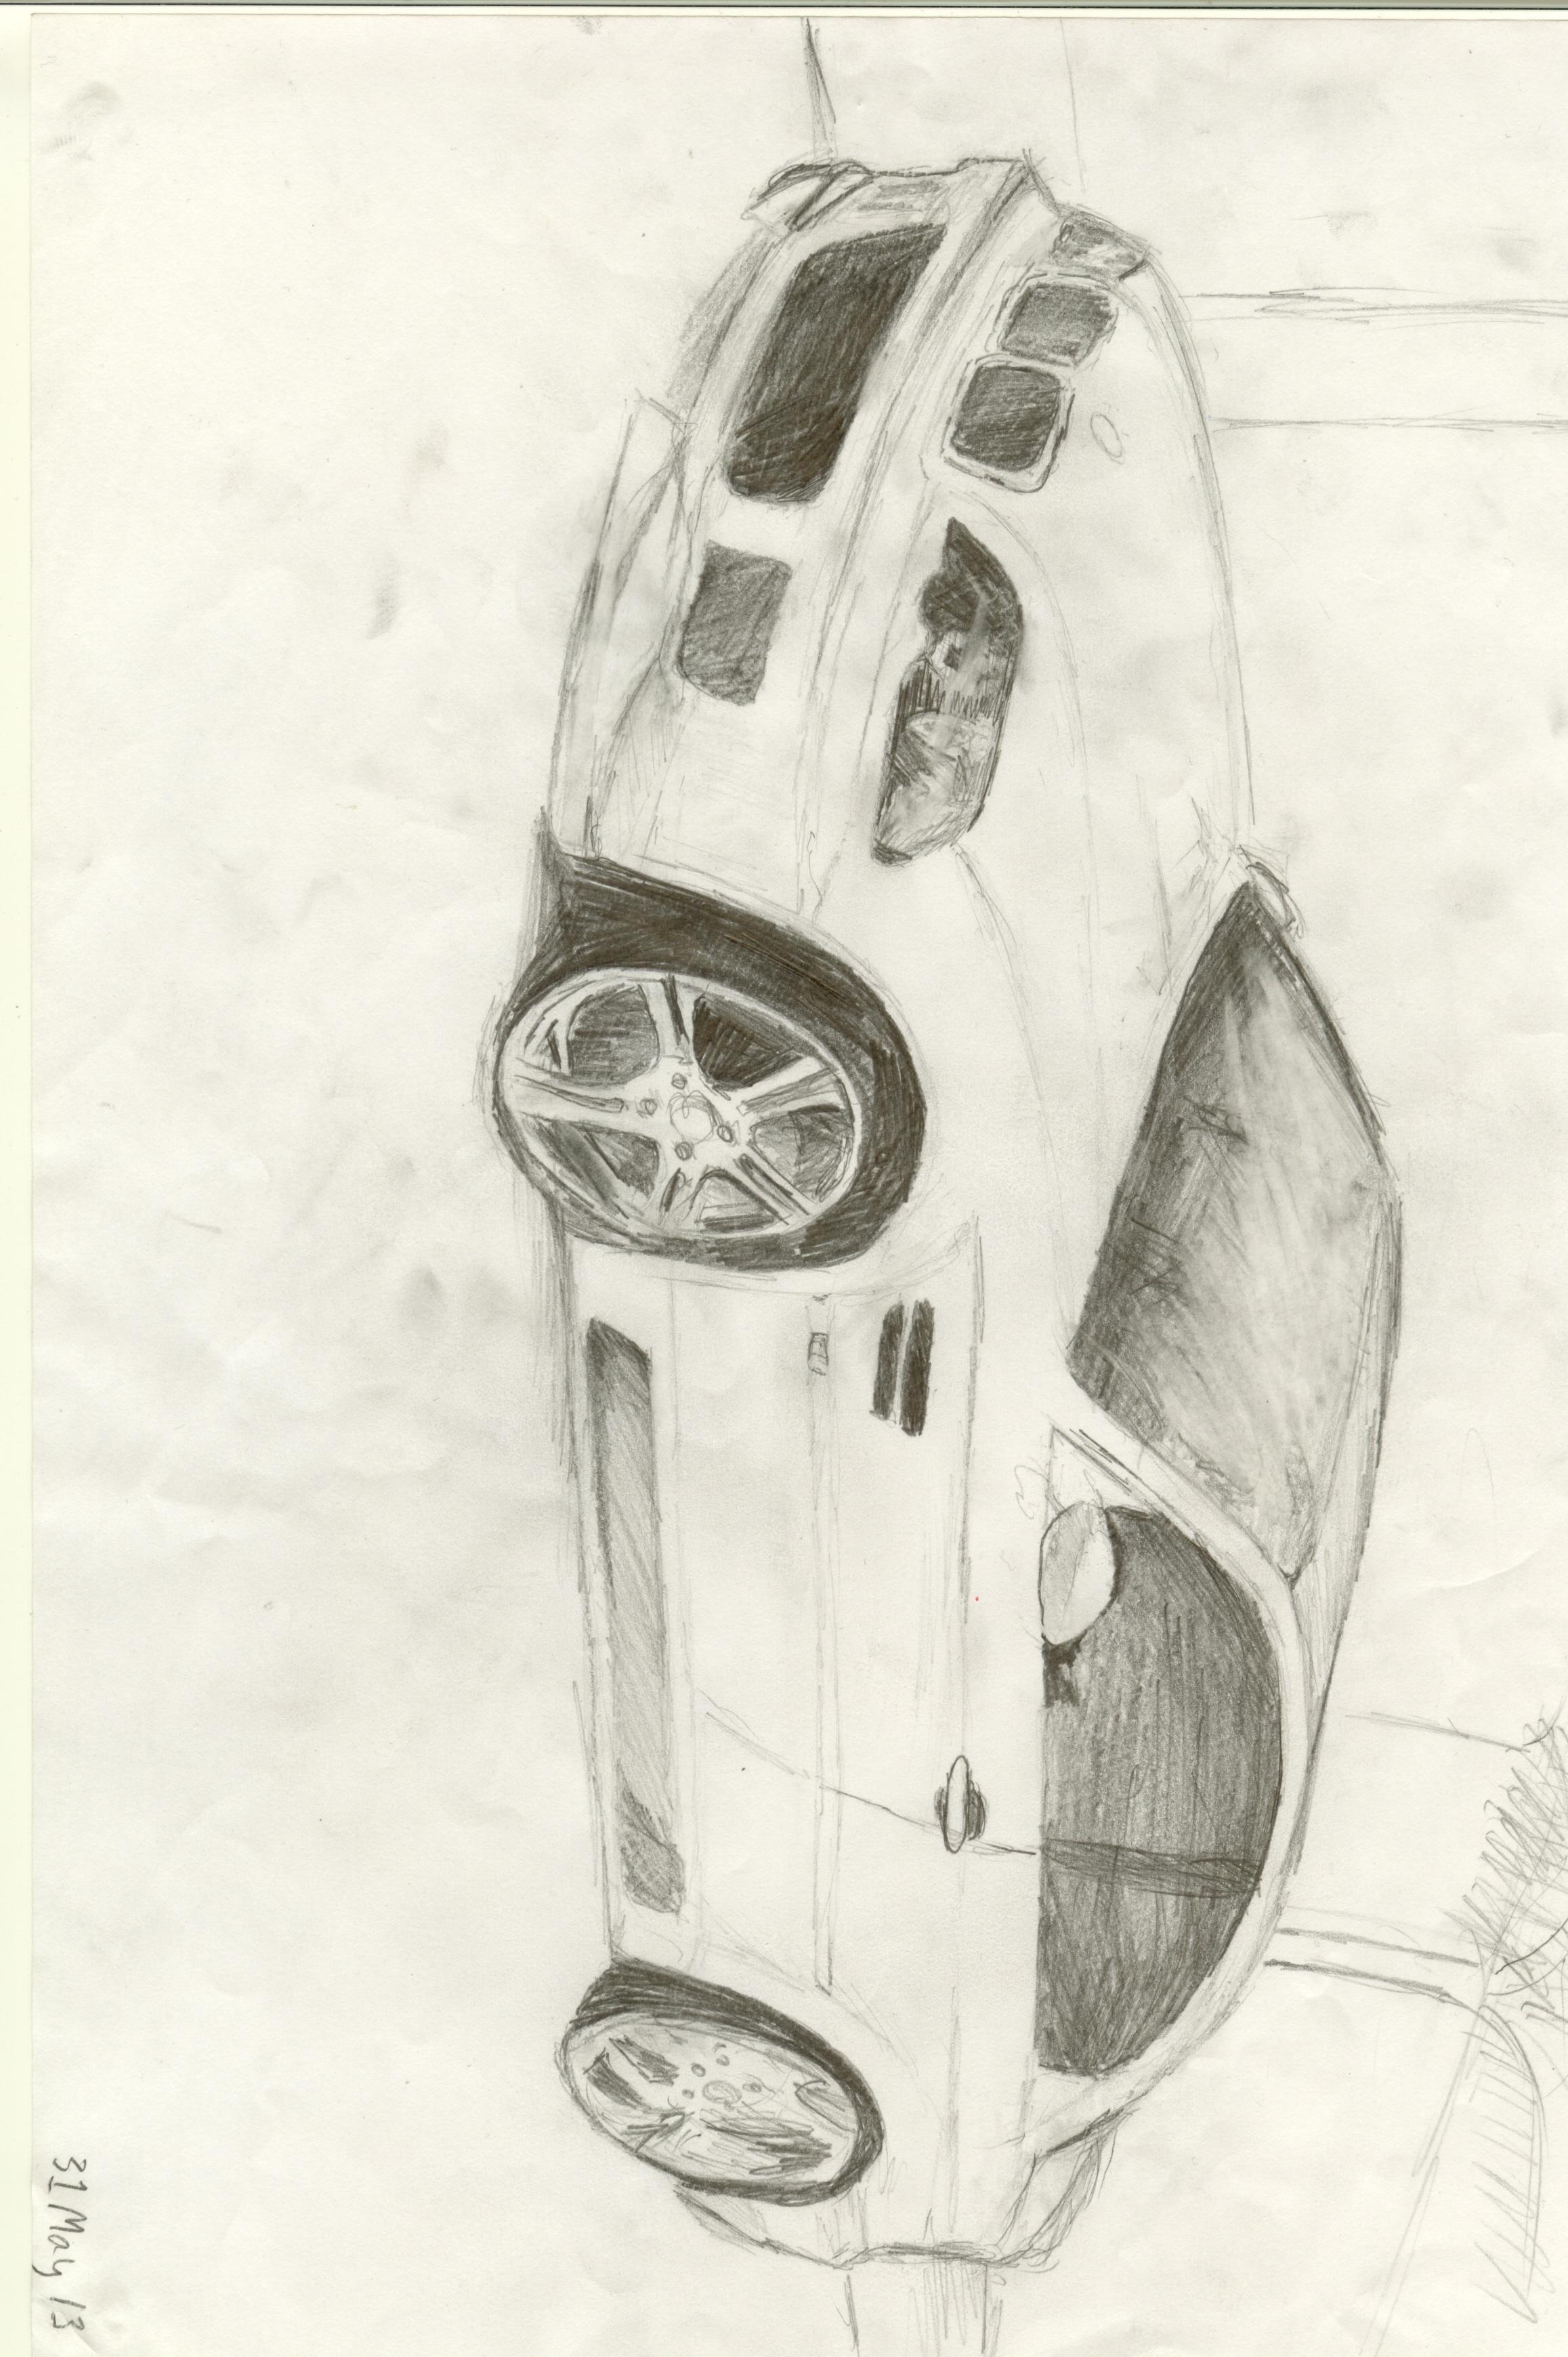 BMW M3 E46 Sketch